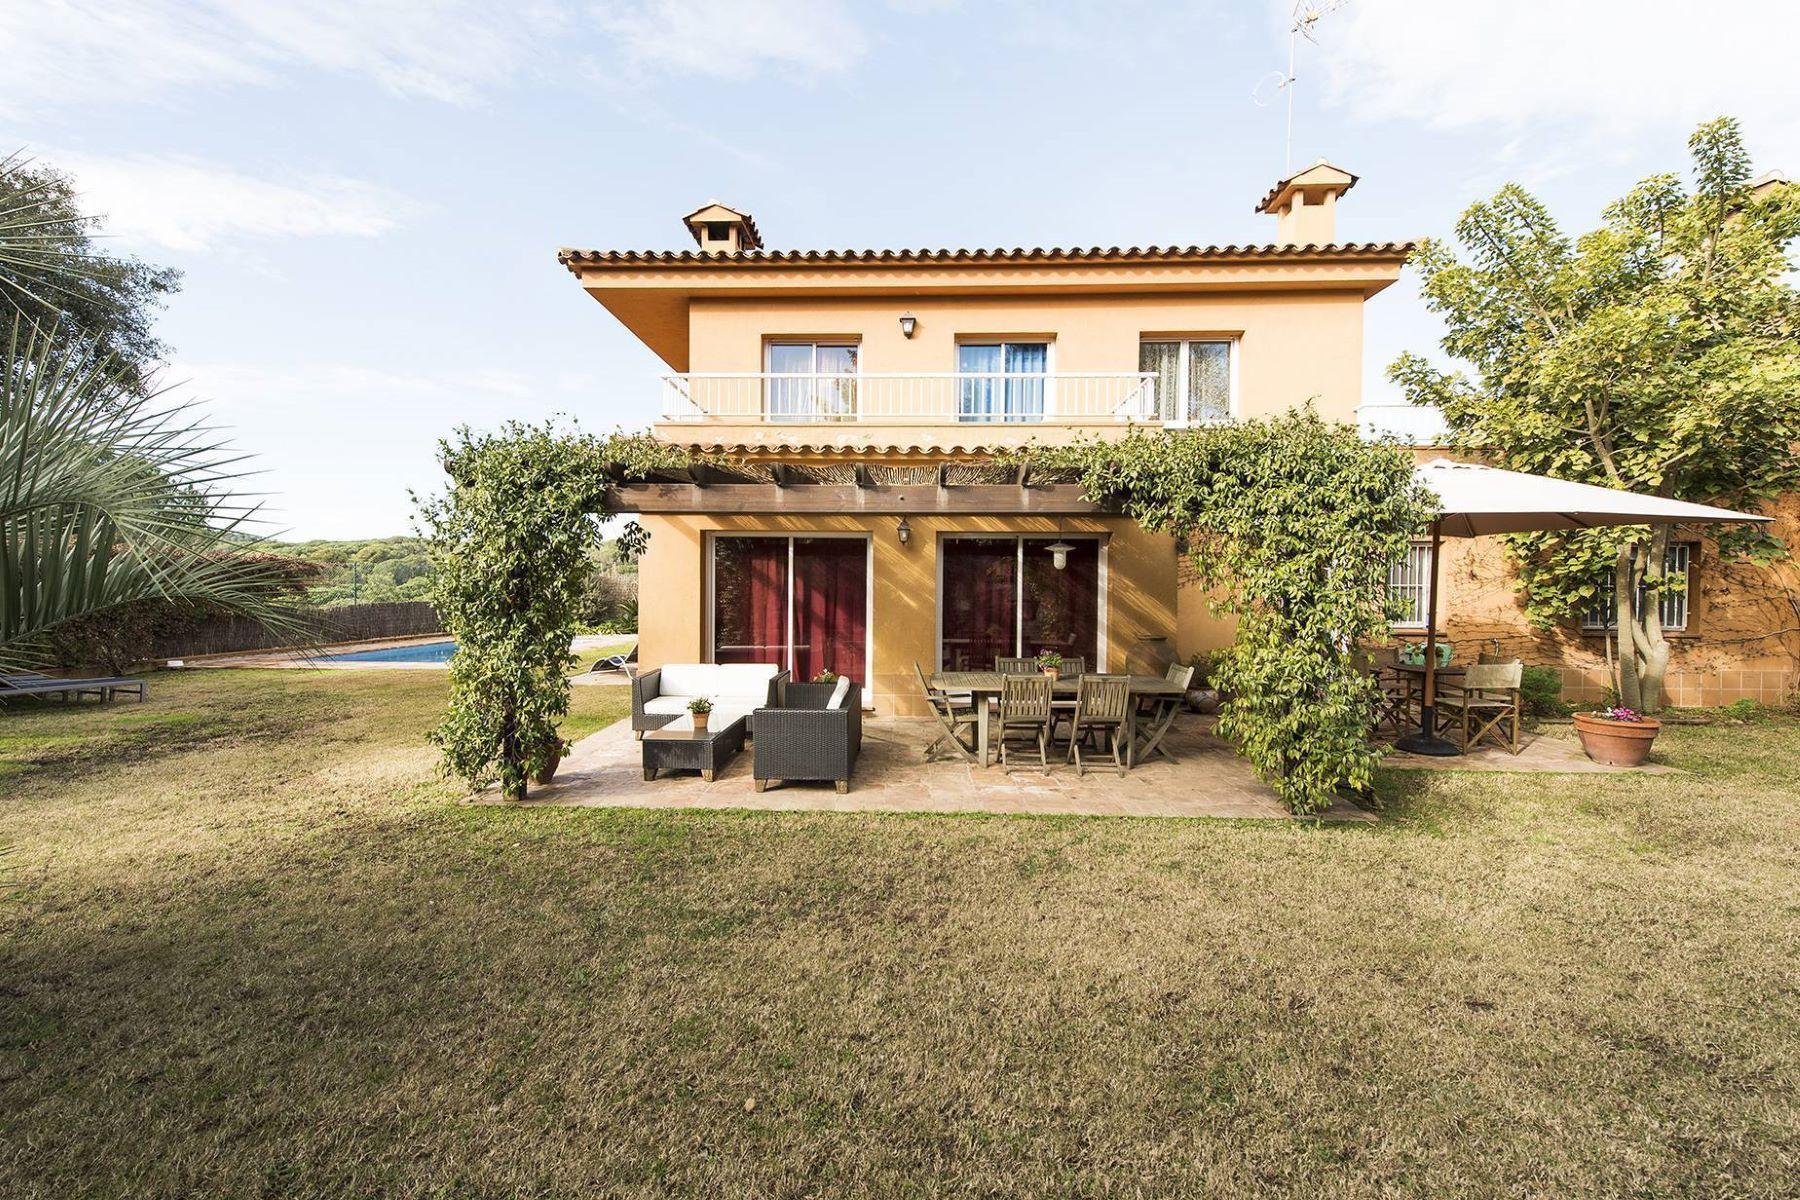 Casa Unifamiliar por un Venta en Welcoming house in exclusive area near the beach of Fenals Lloret De Mar, Costa Brava, 17310 España